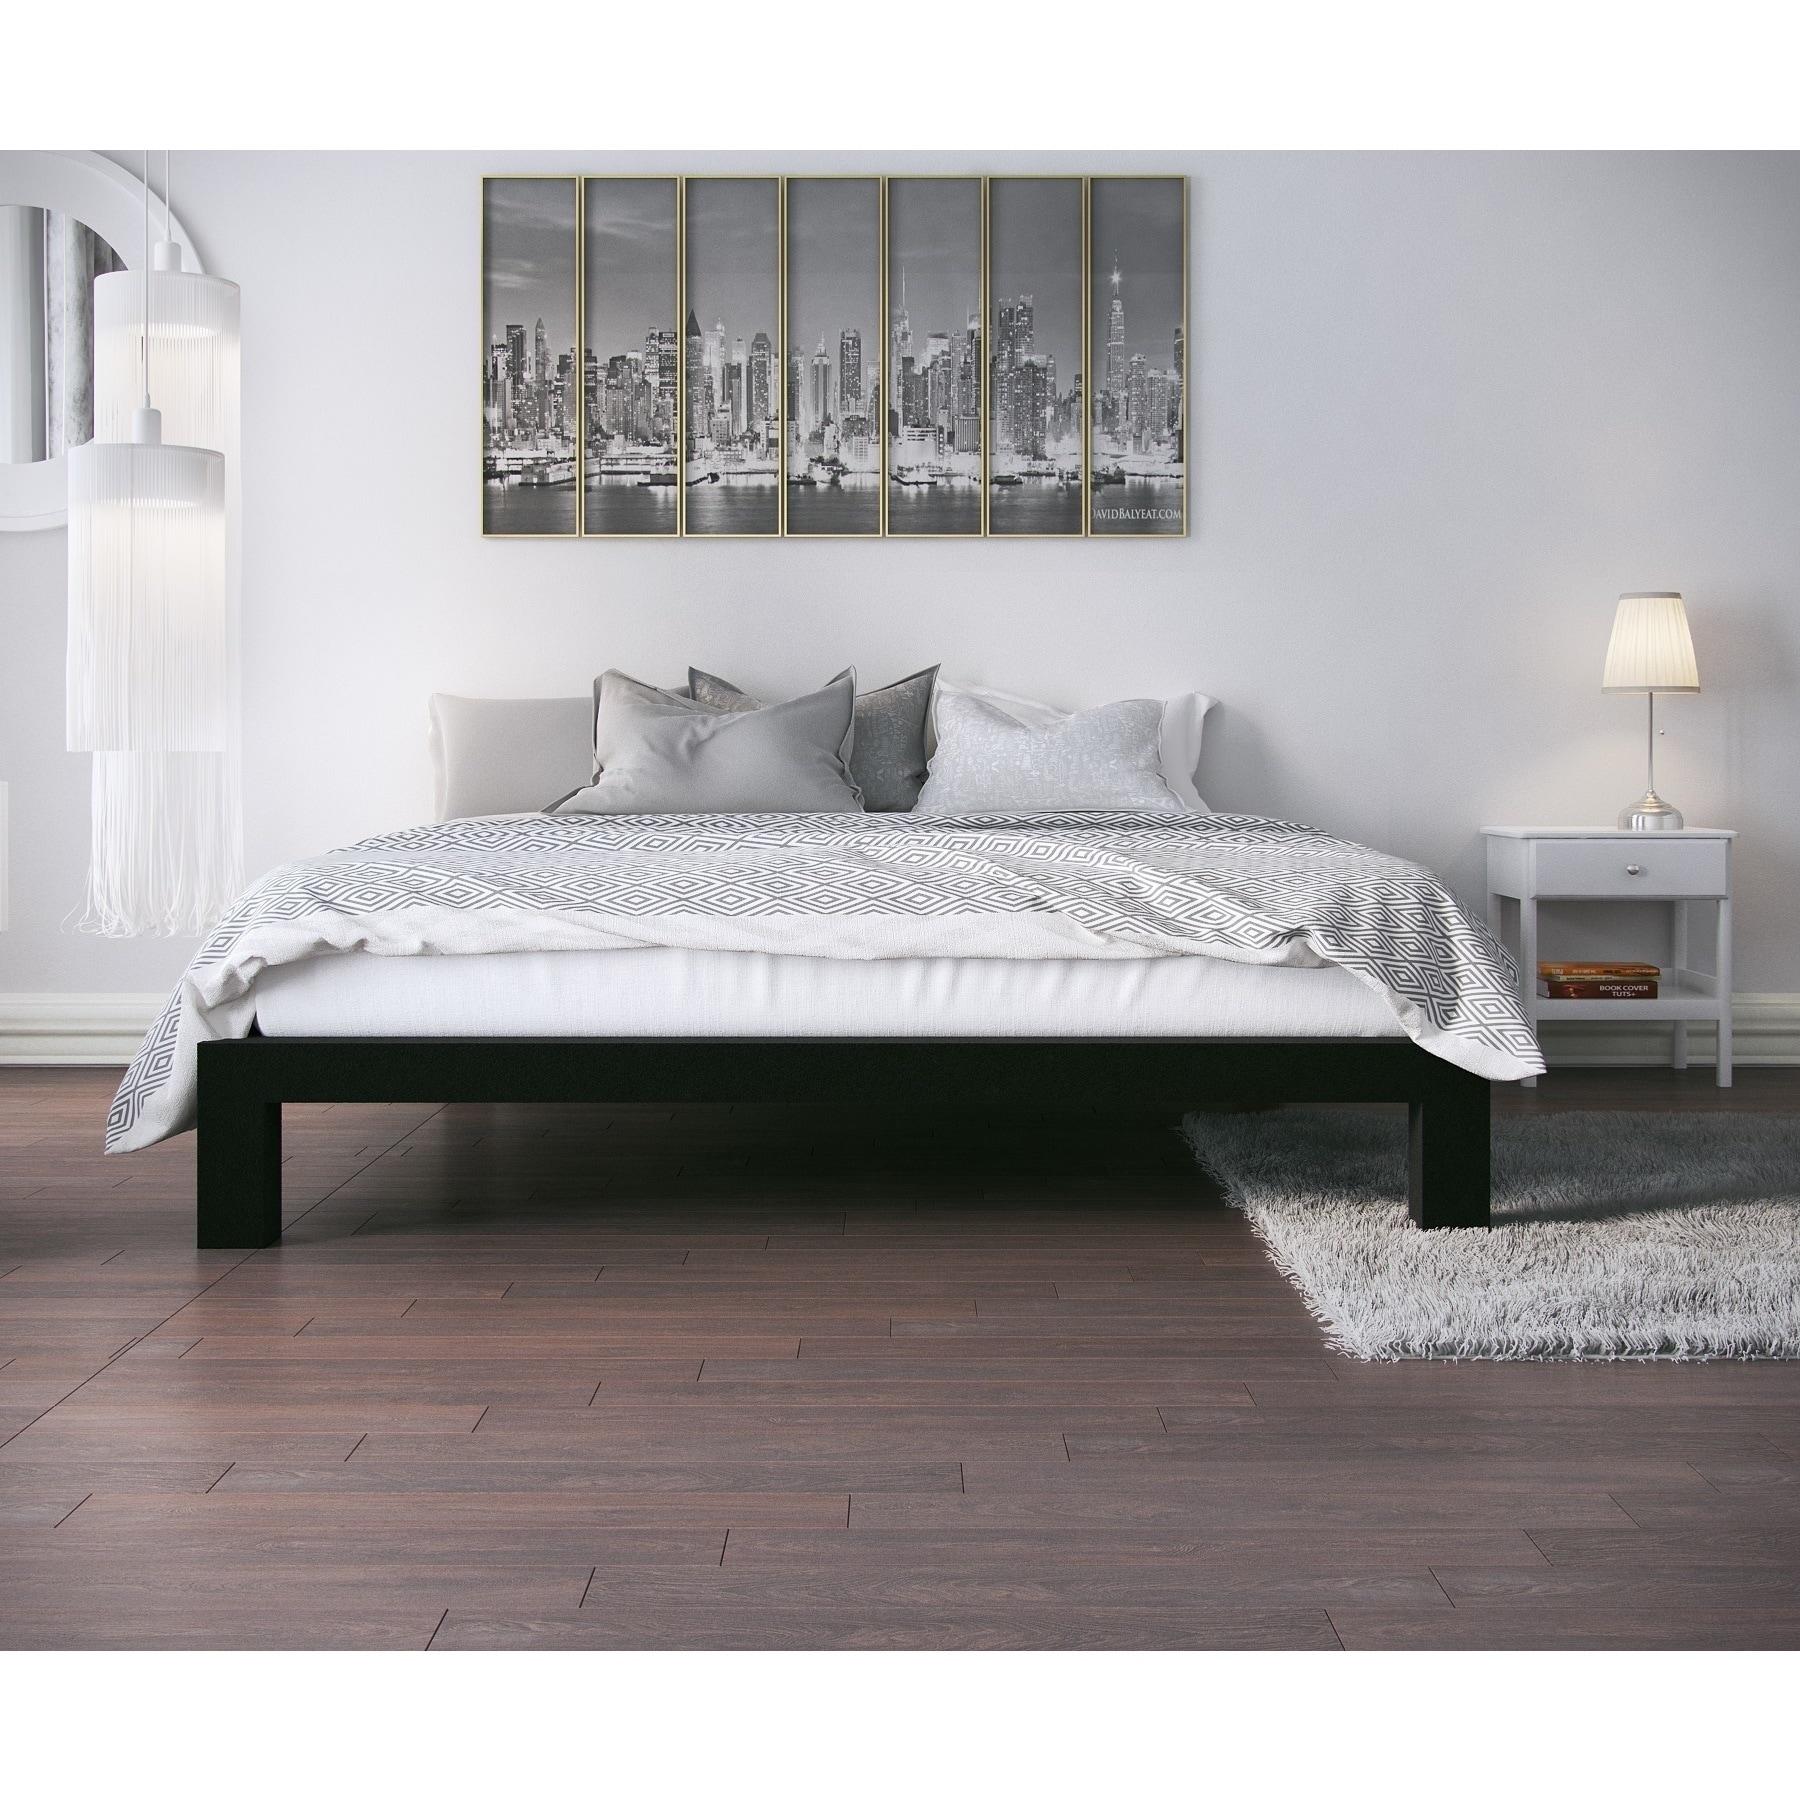 Shop Vesta Black Metal Slatted Platform Bed - On Sale - Free ...